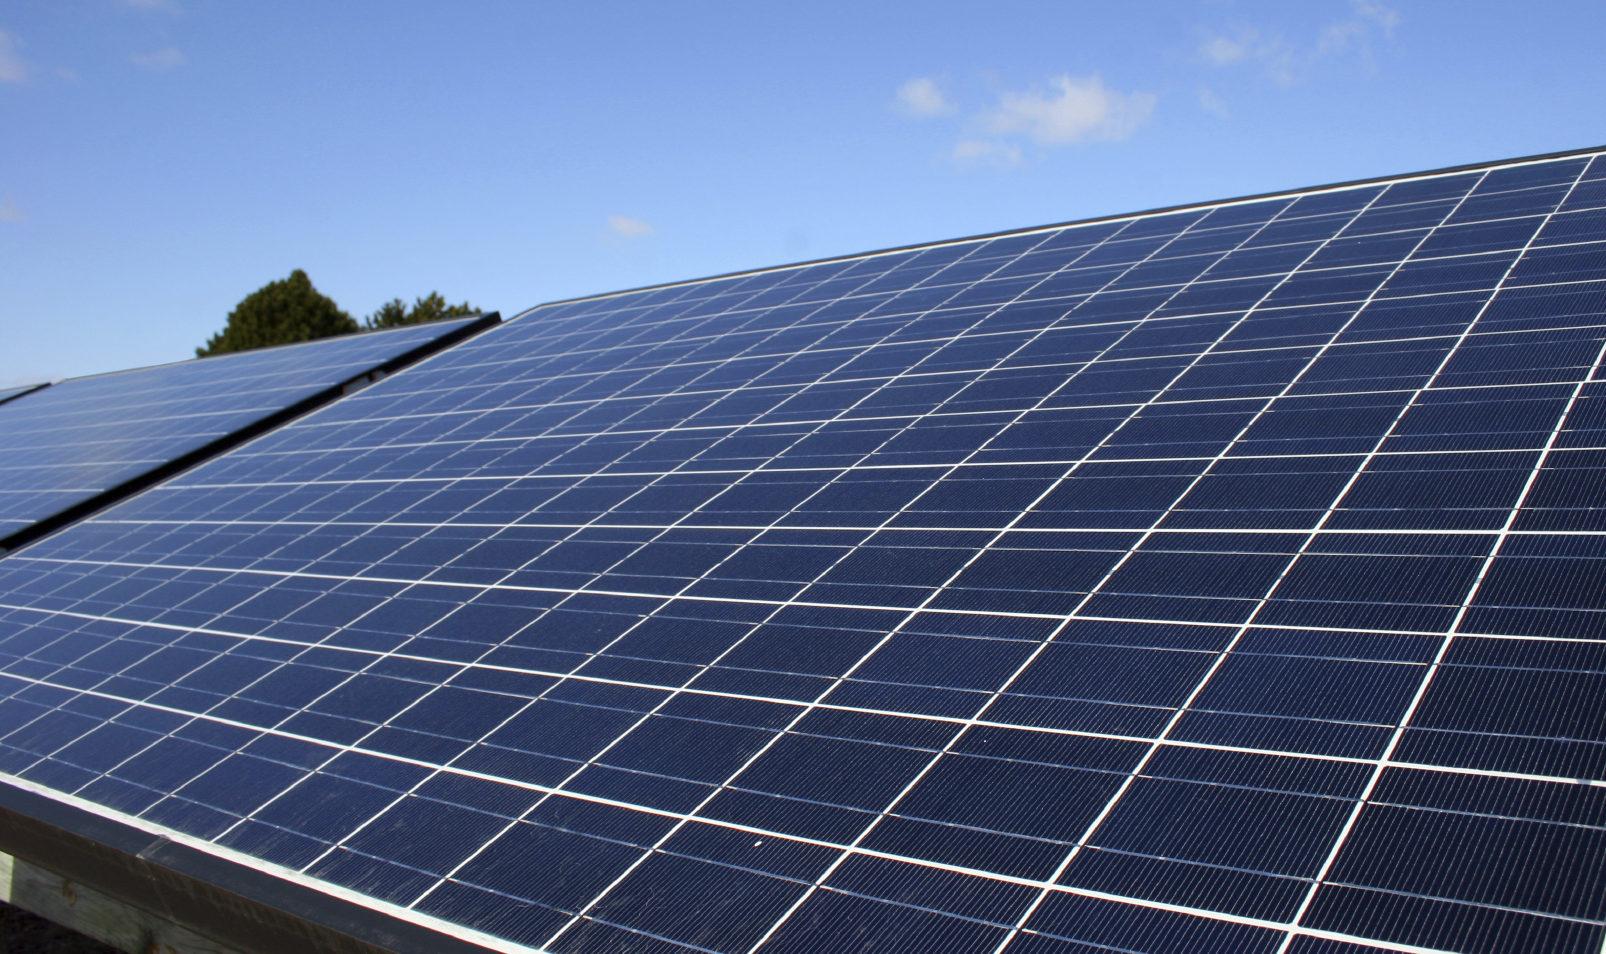 Le gouvernement veut réduire l'impact environnemental du solaire